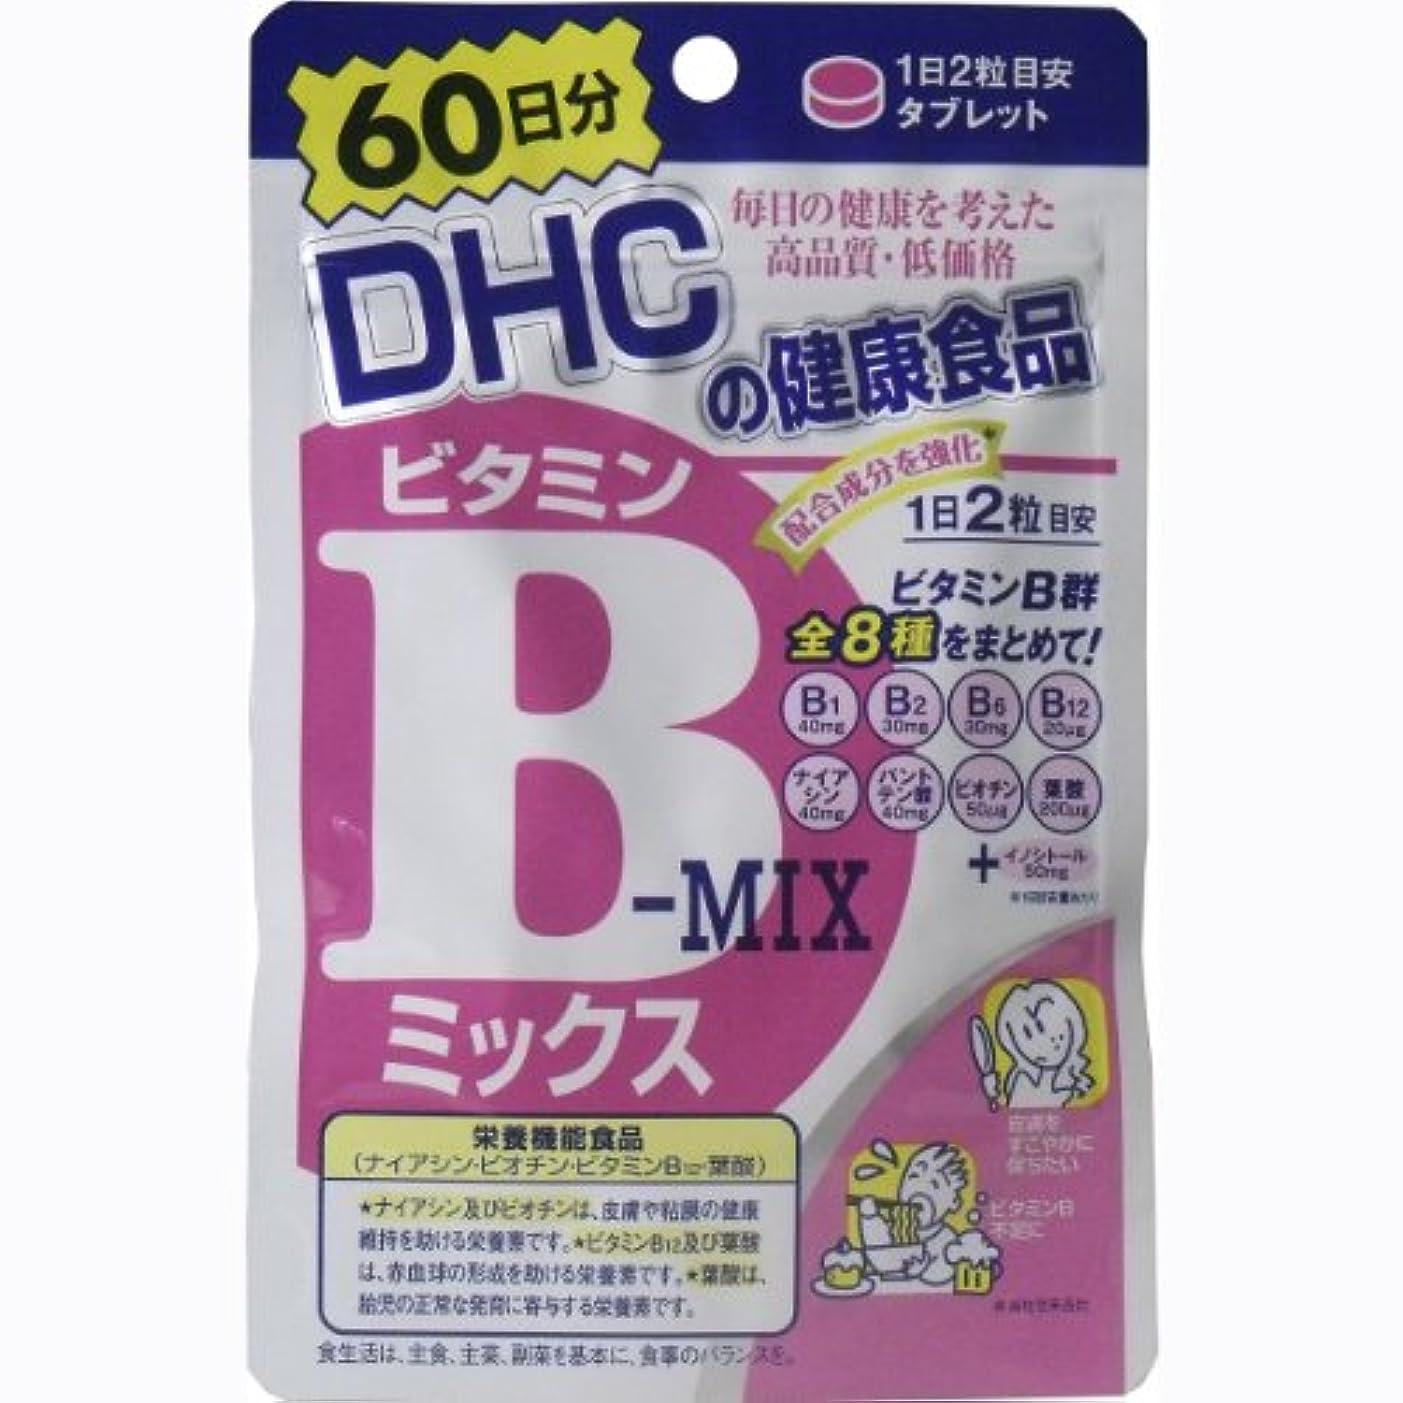 ソーシャル継続中モディッシュDHC ビタミンBミックス 120粒 60日分「3点セット」